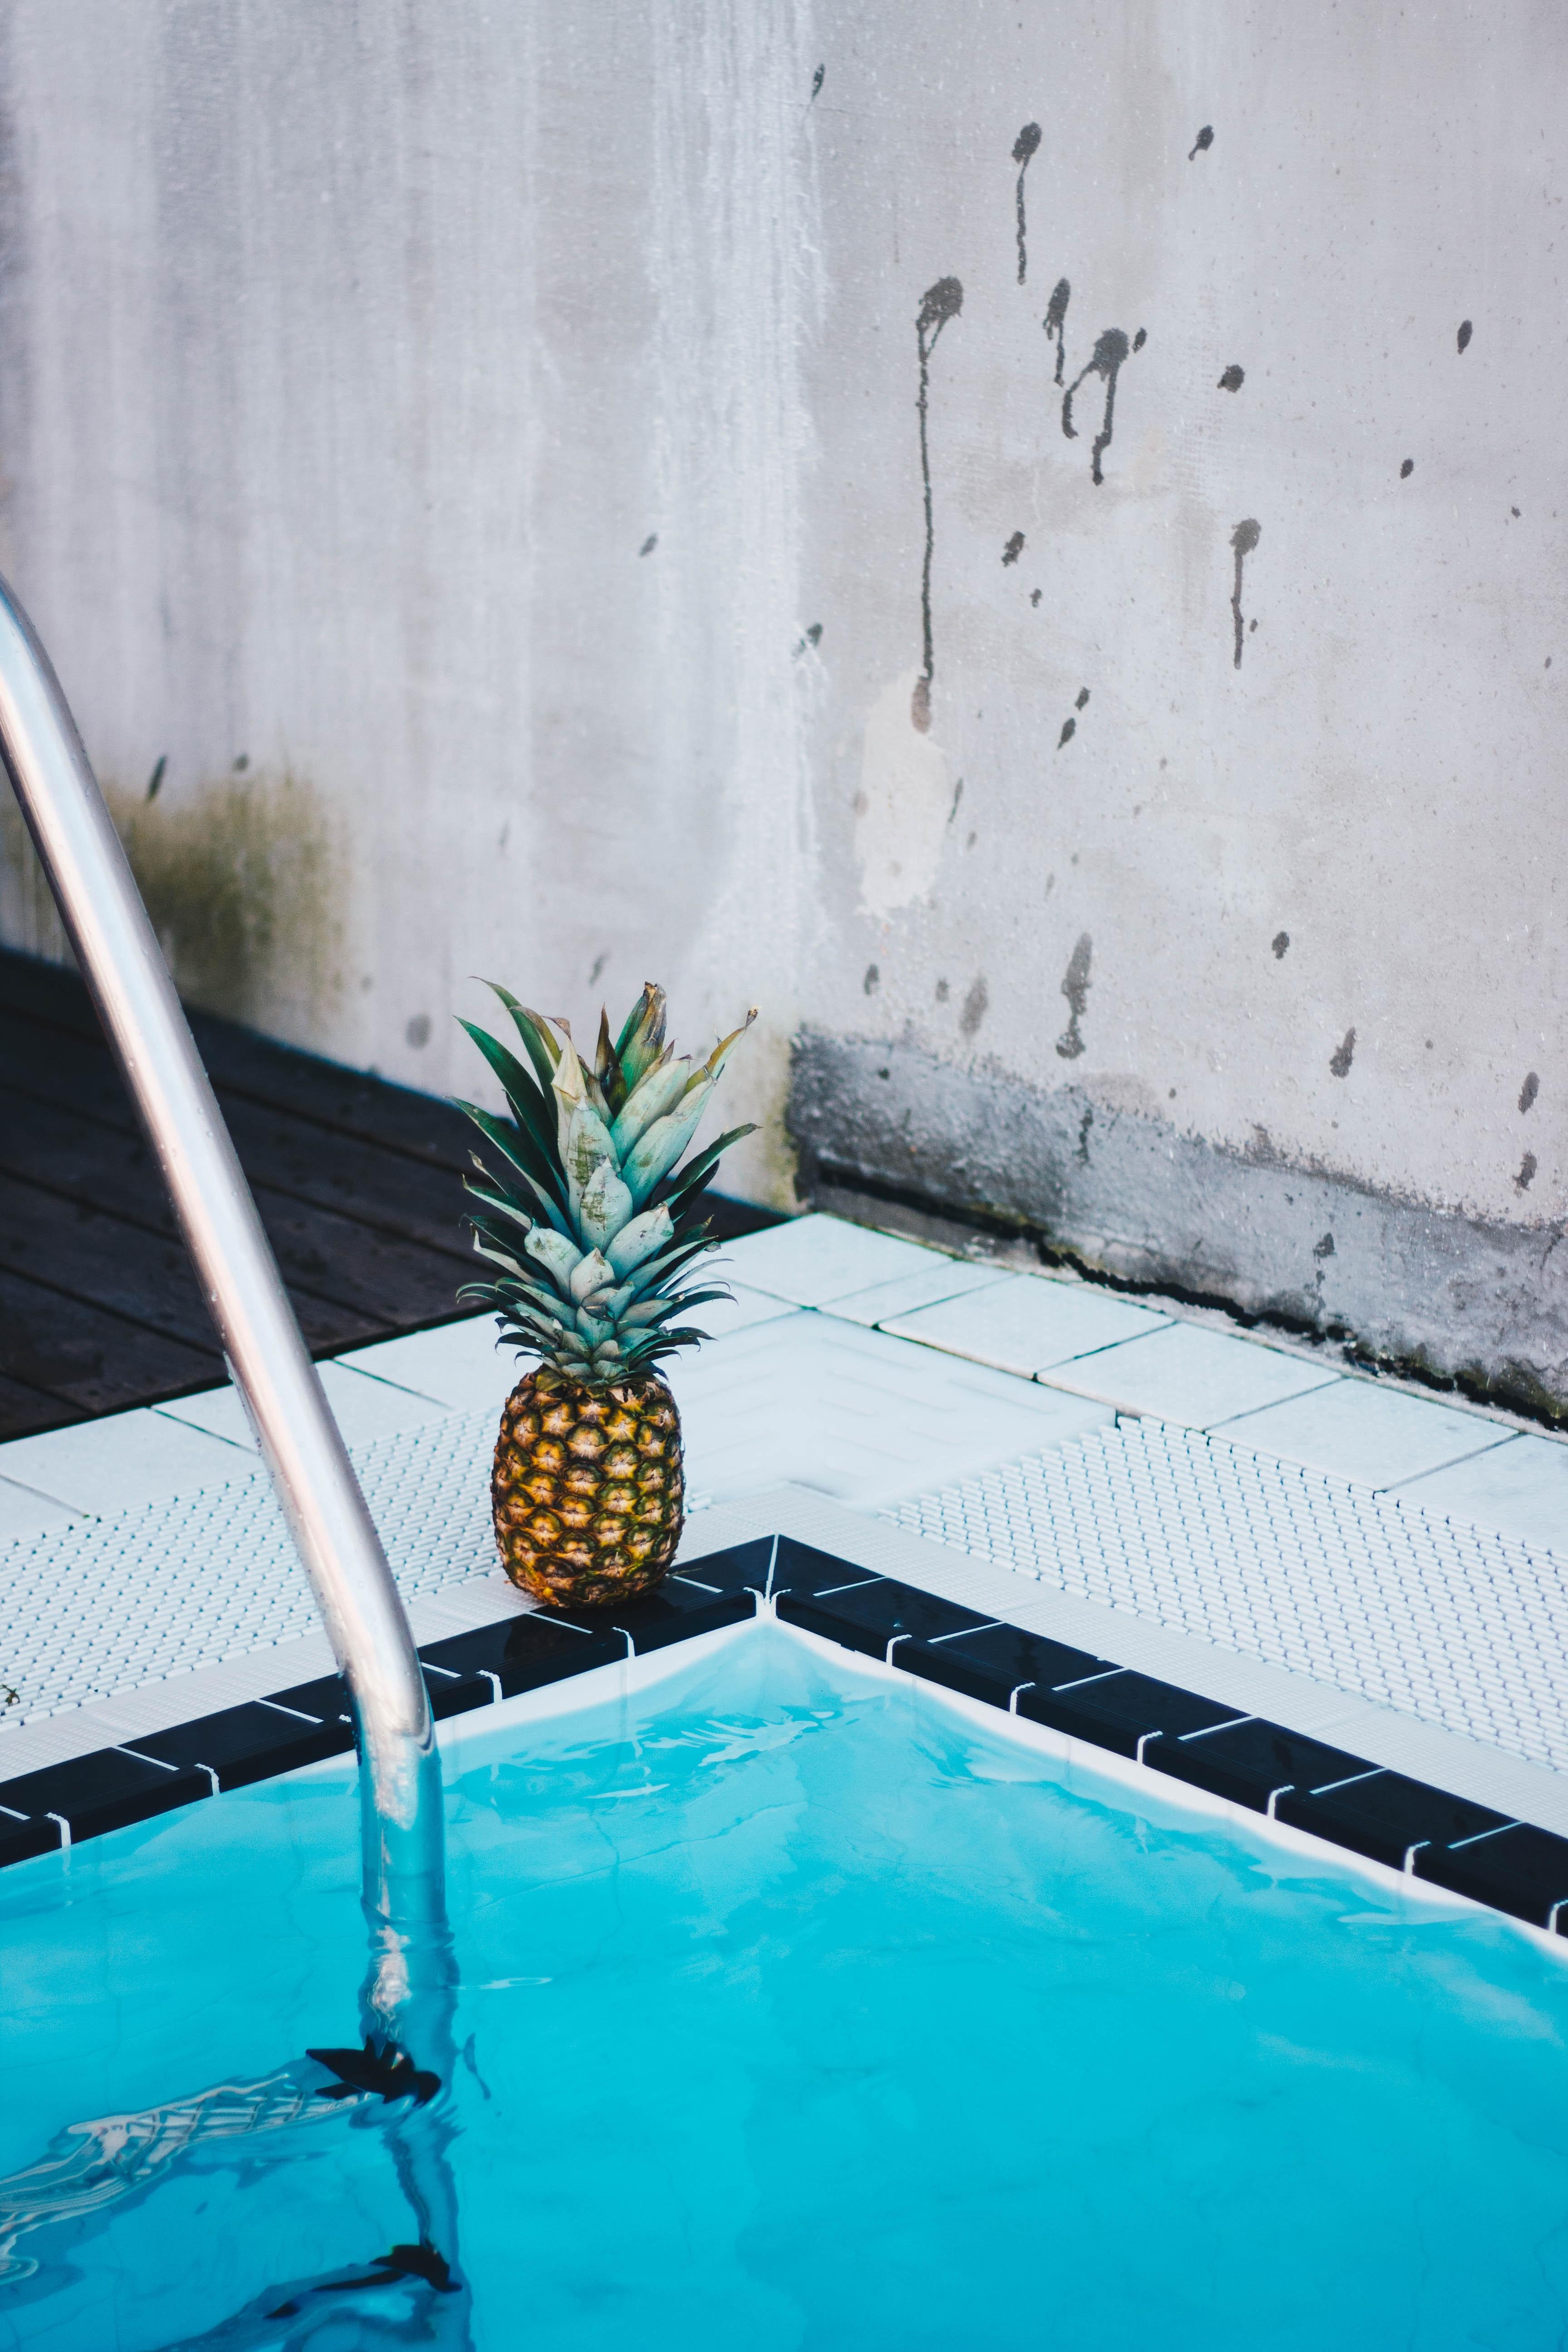 meilleur thermometre de piscine